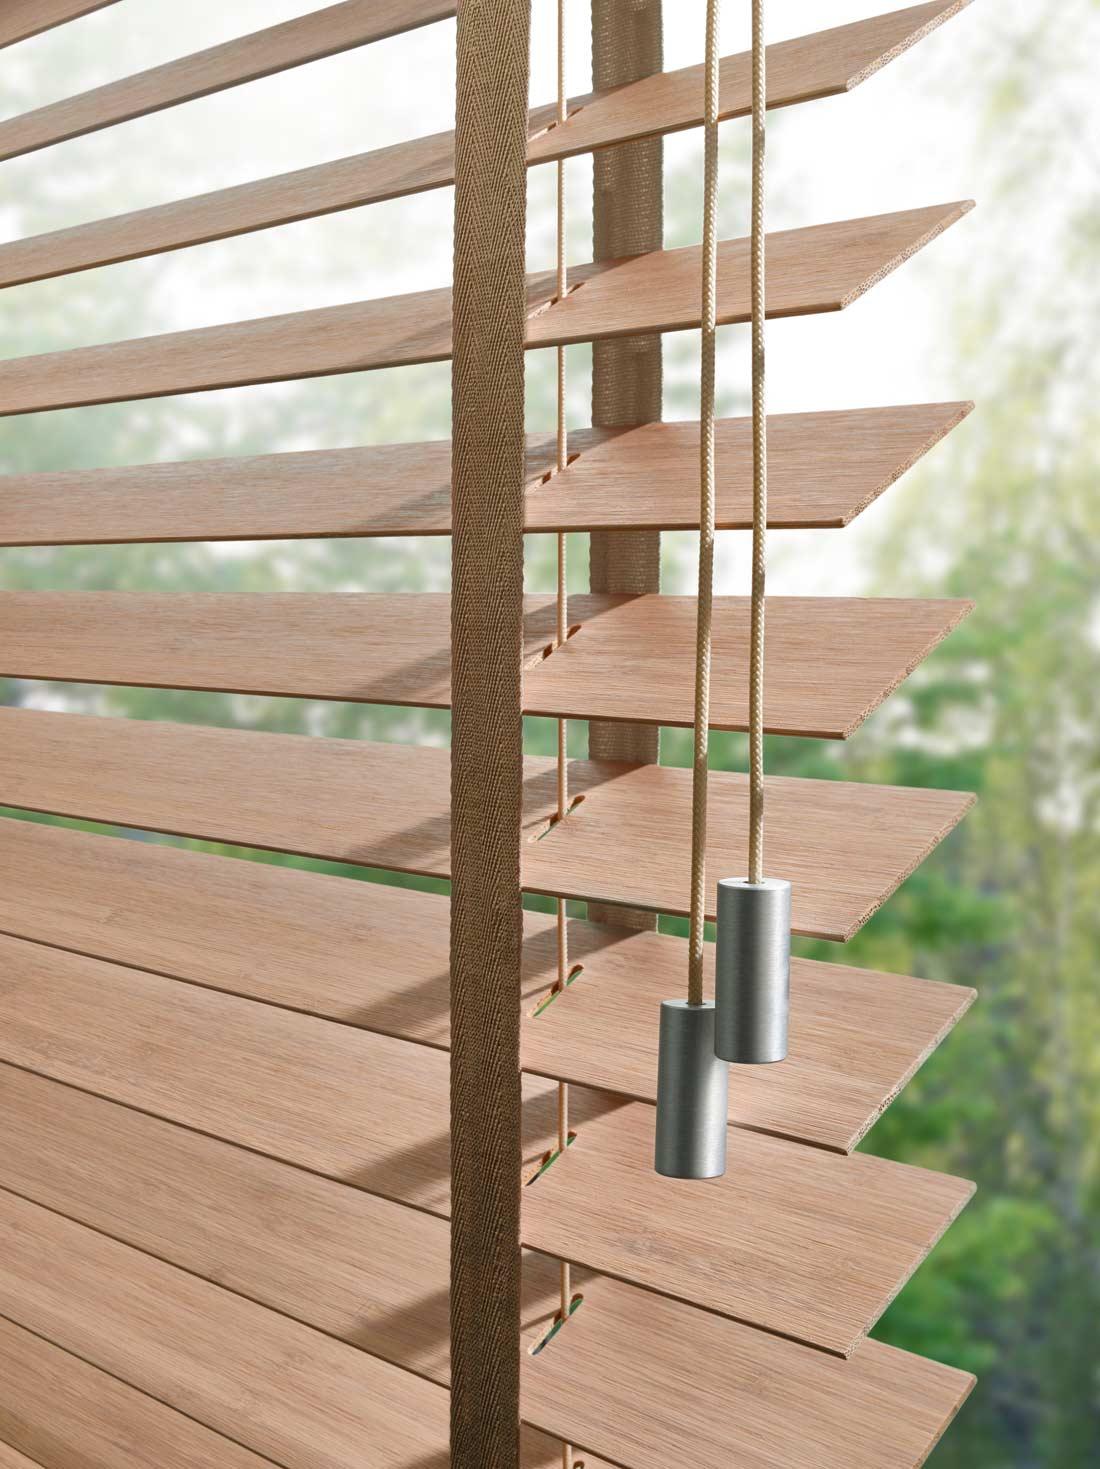 Tende veneziane in legno sintesi tende - Tende veneziane in legno ikea ...